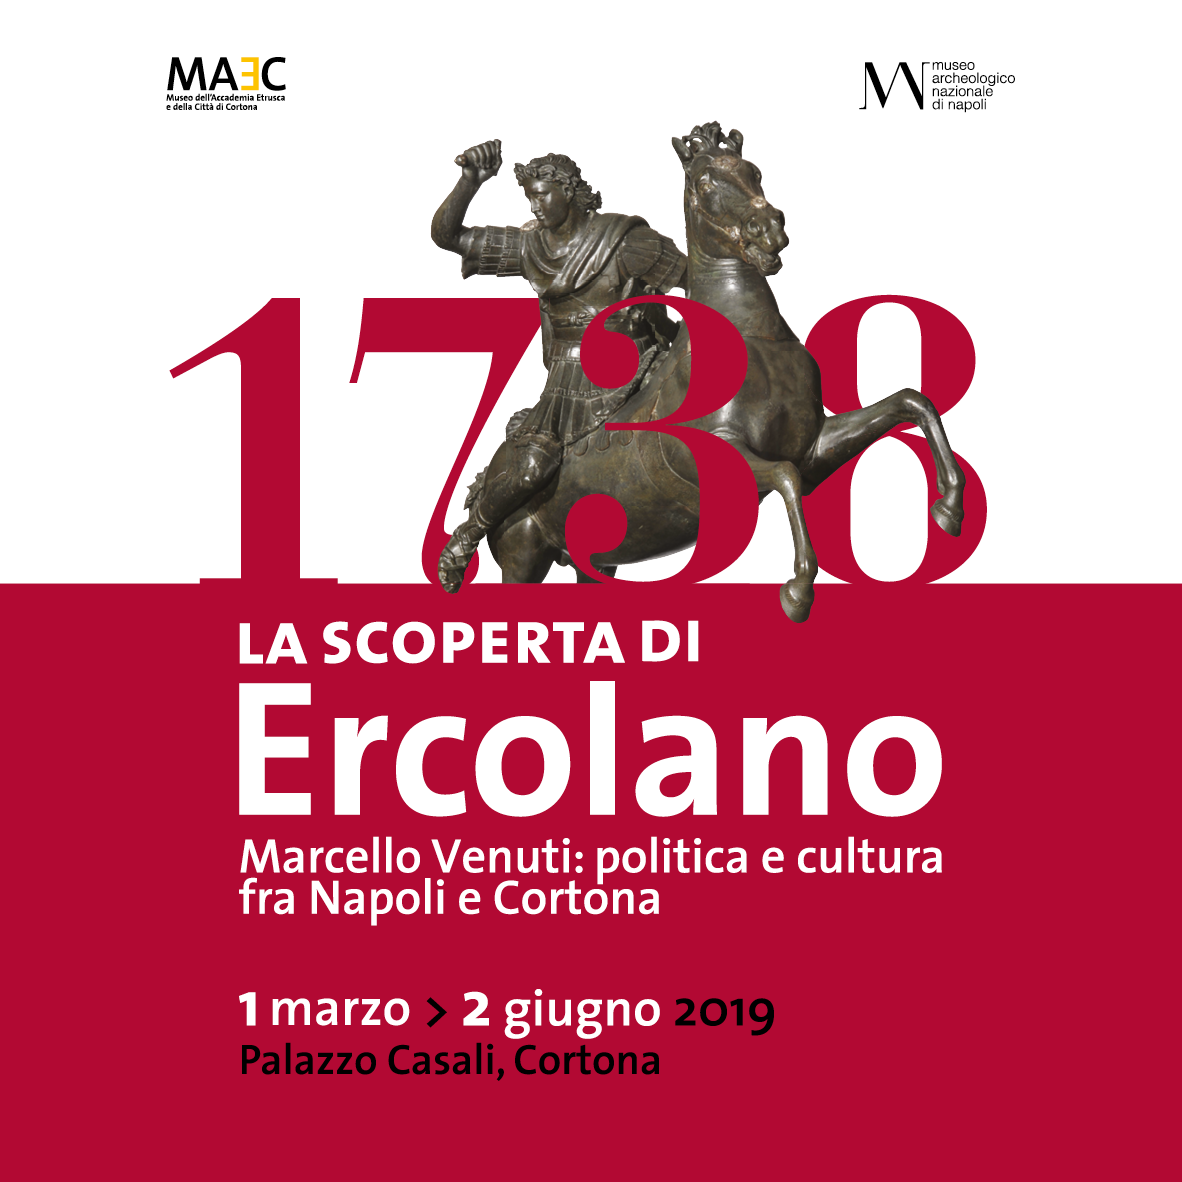 mostra su Ercolano e Marcello Venuti